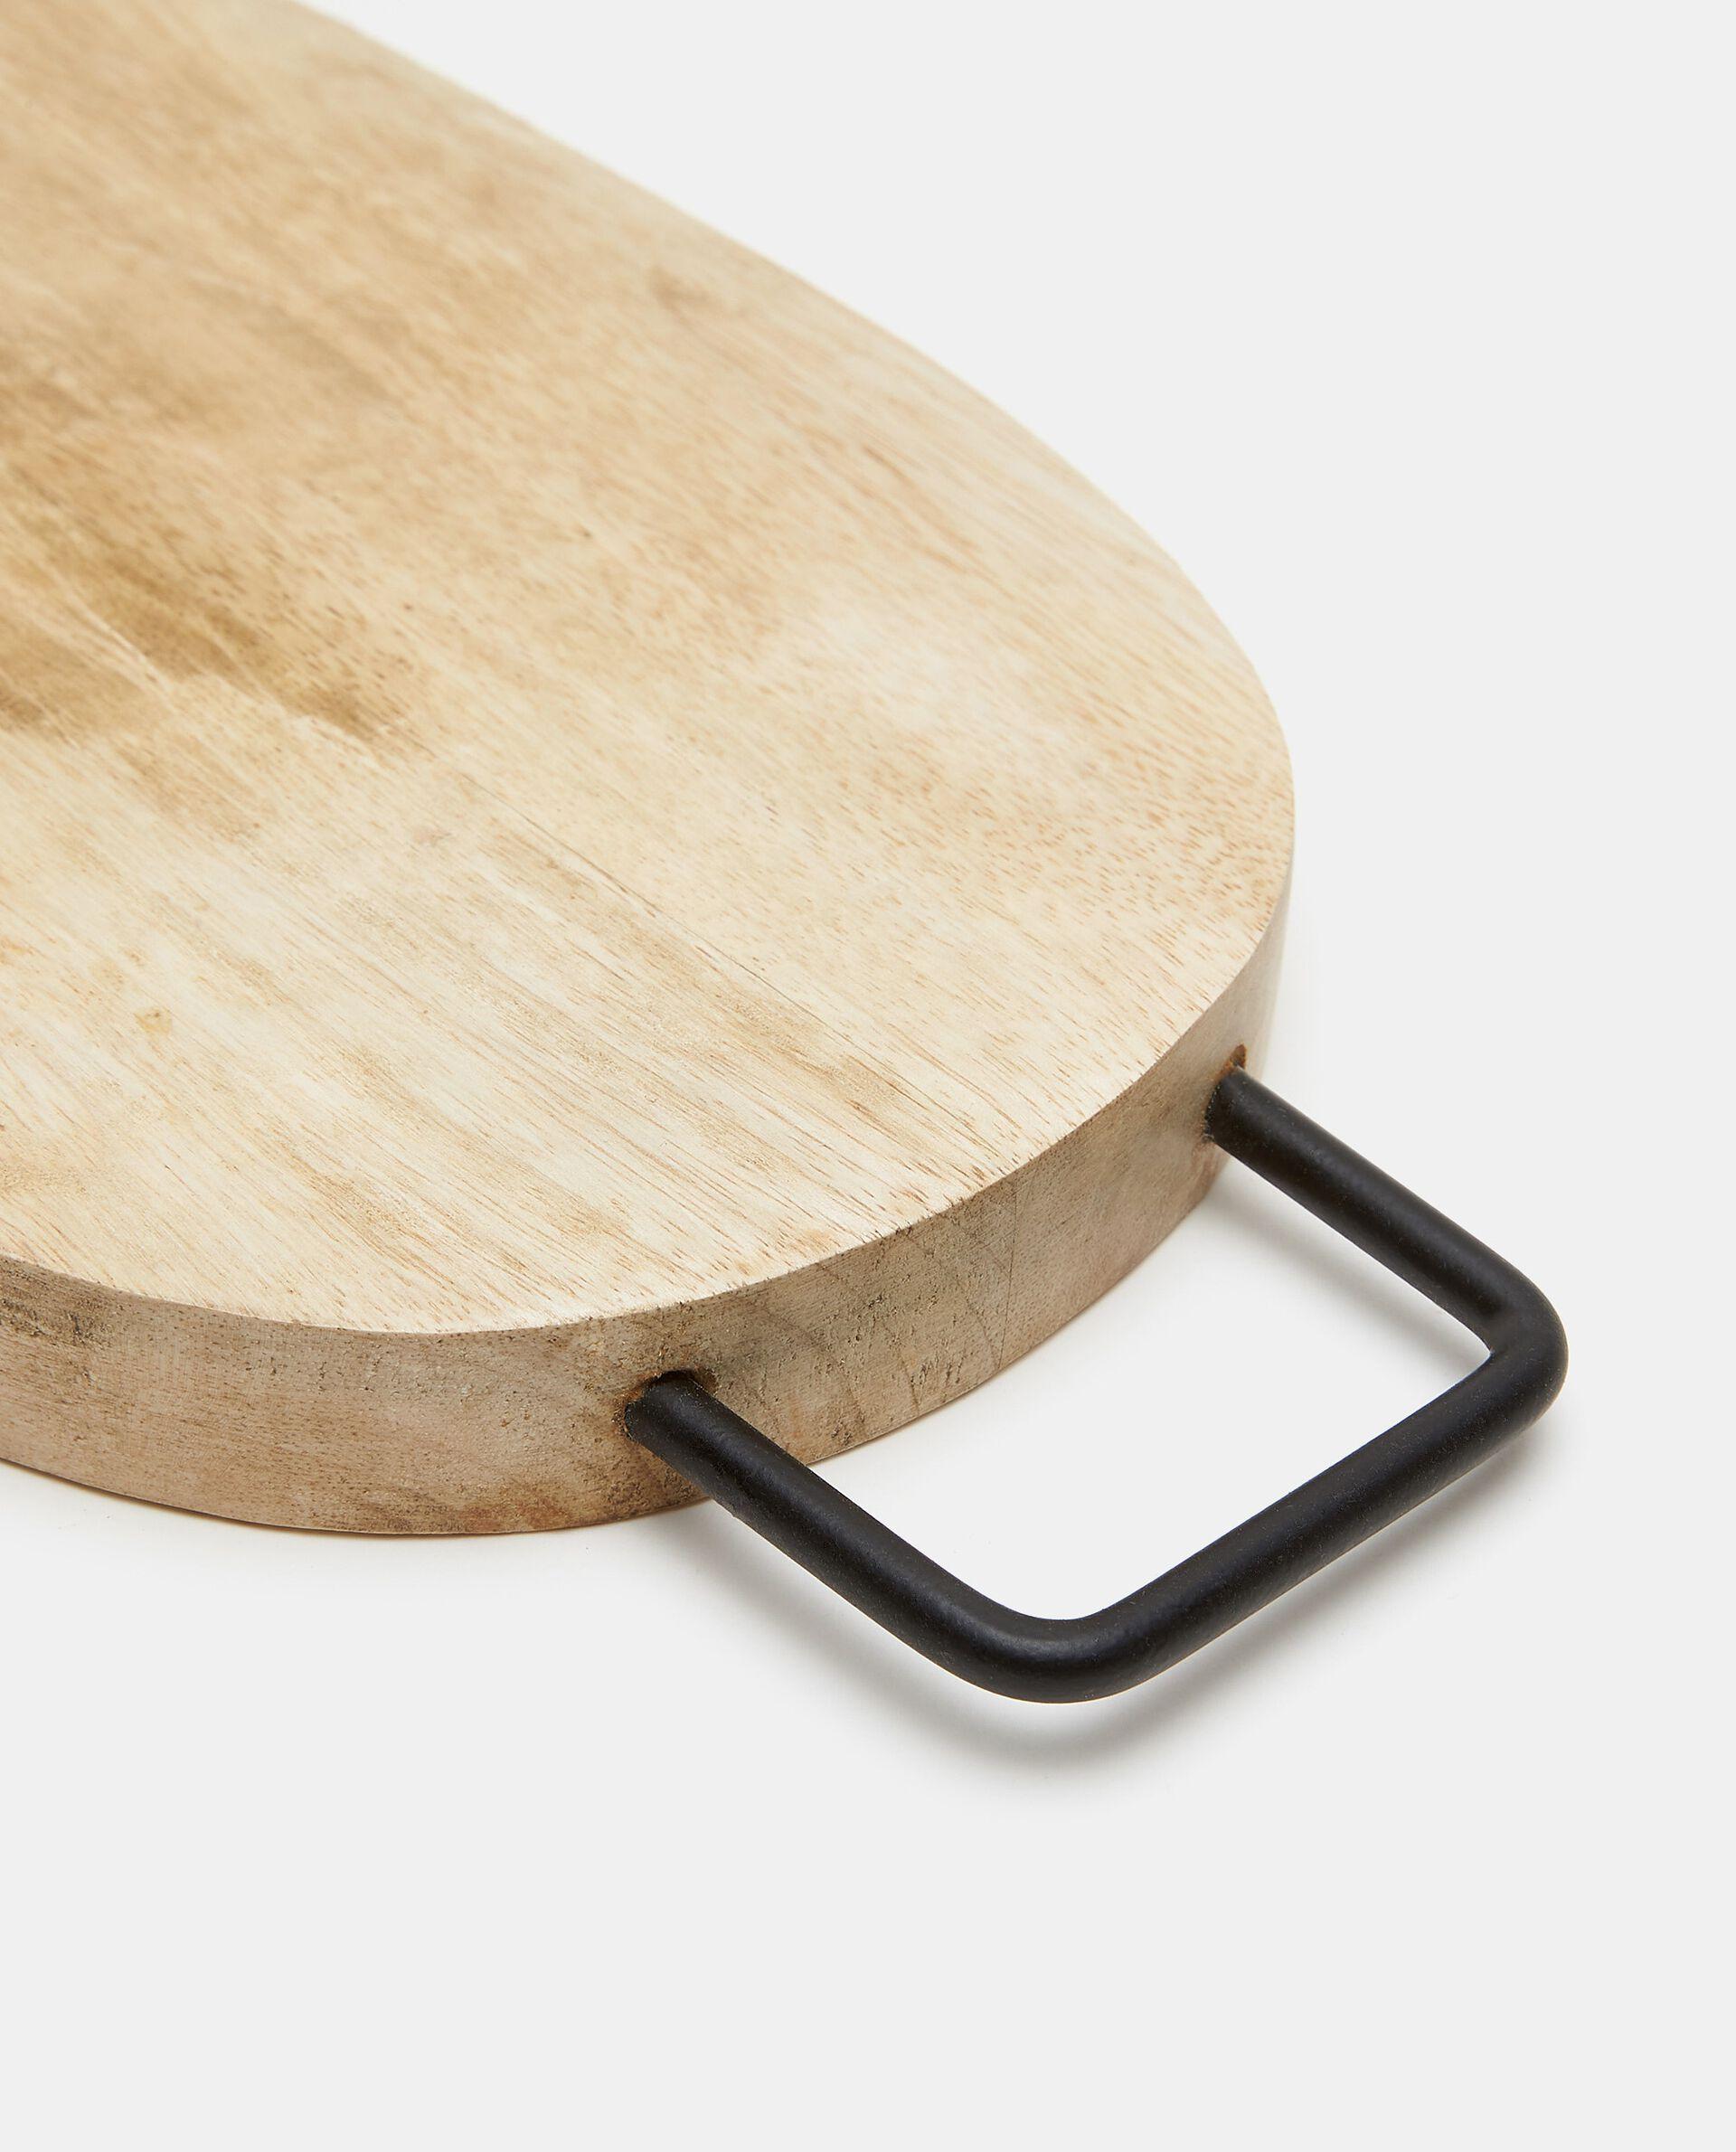 Tagliere ovale in legno